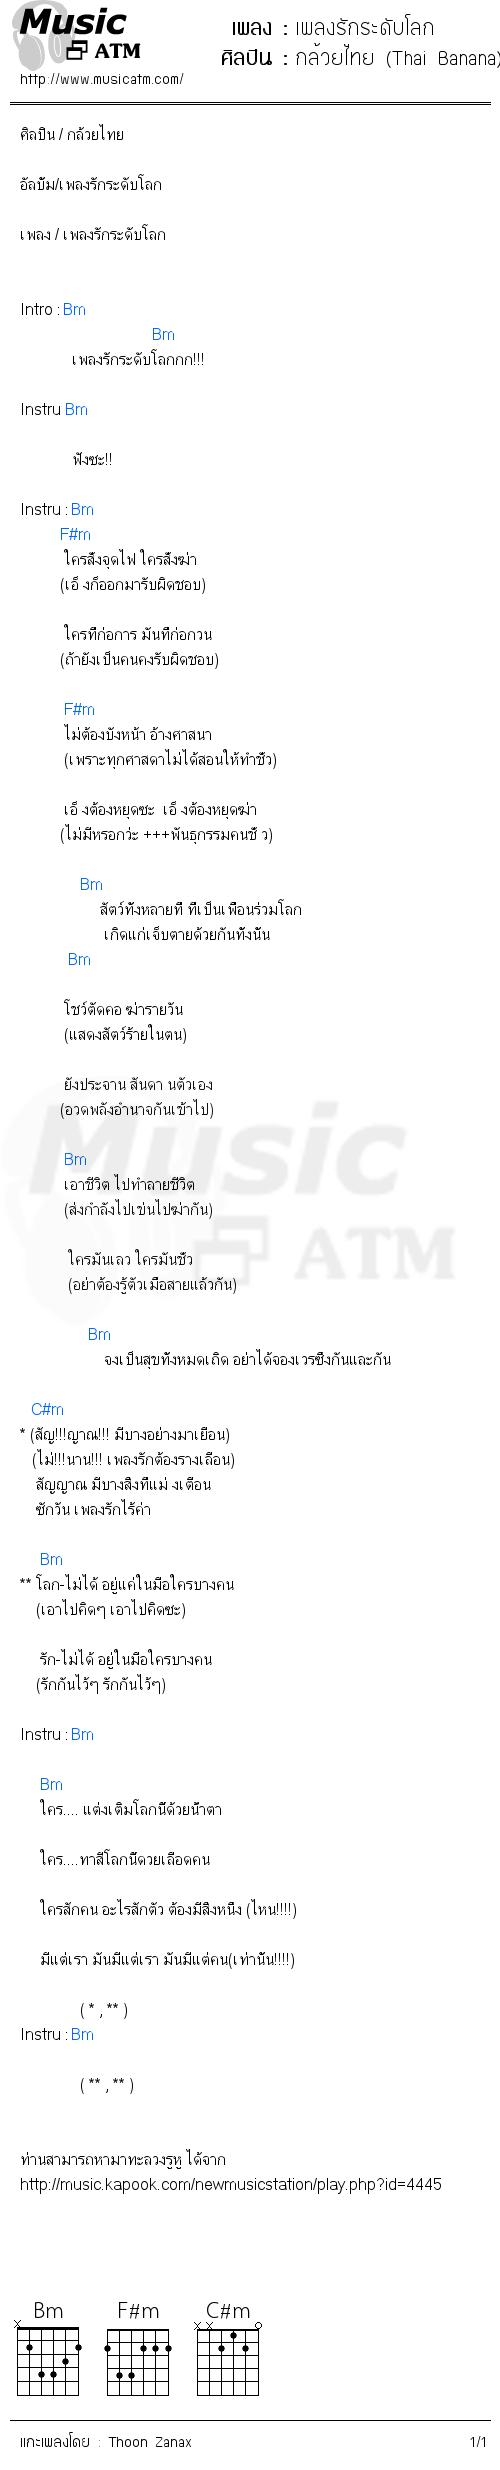 คอร์ดเพลง เพลงรักระดับโลก - กล้วยไทย (Thai Banana) | คอร์ดเพลงใหม่